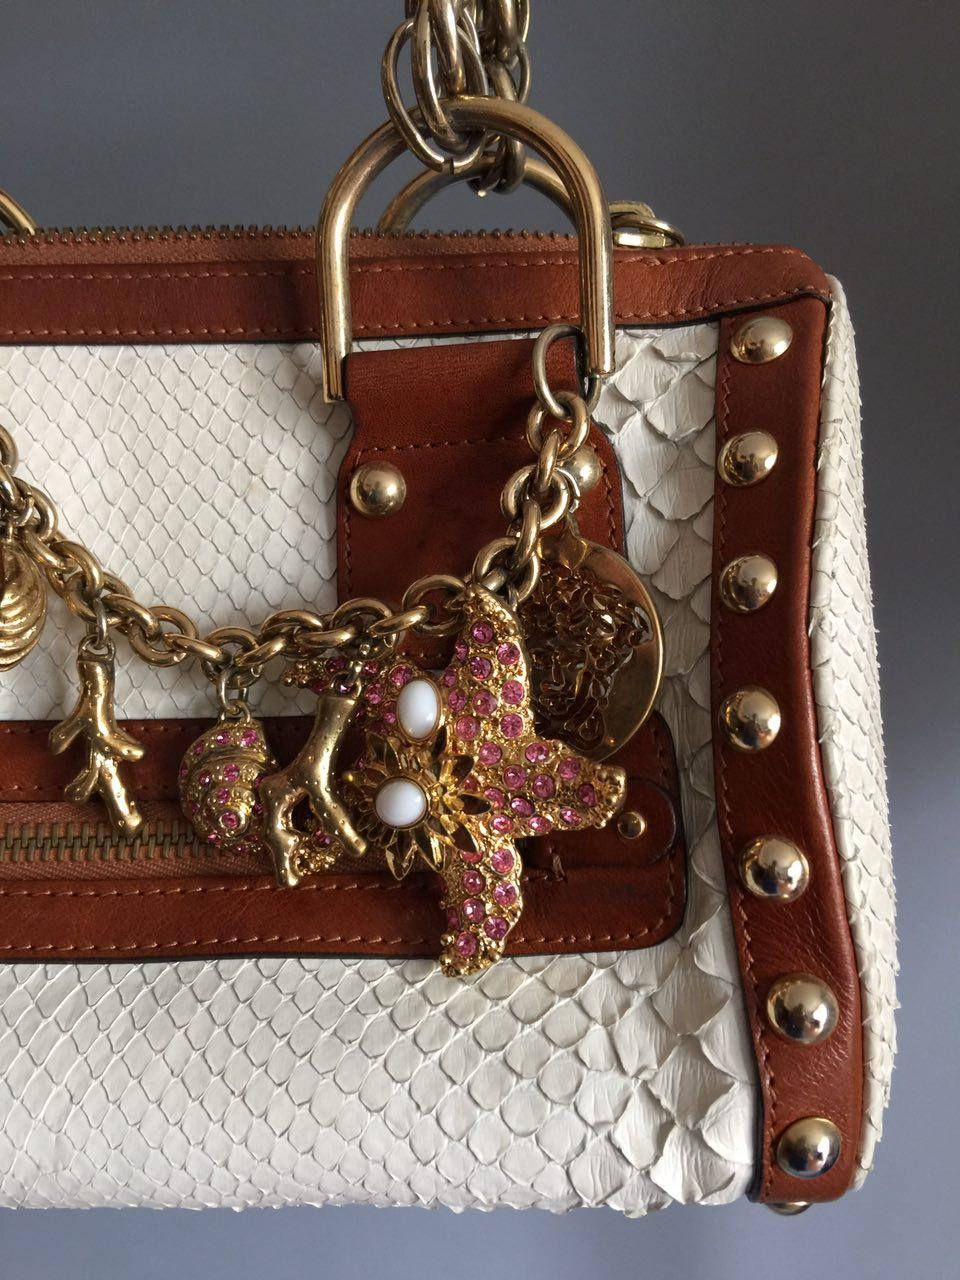 fd5510bbfd Vintage Gianni Versace Gold Medusa Python leather Bag White bag Extremely  rare Handbag Vintage versace Designer